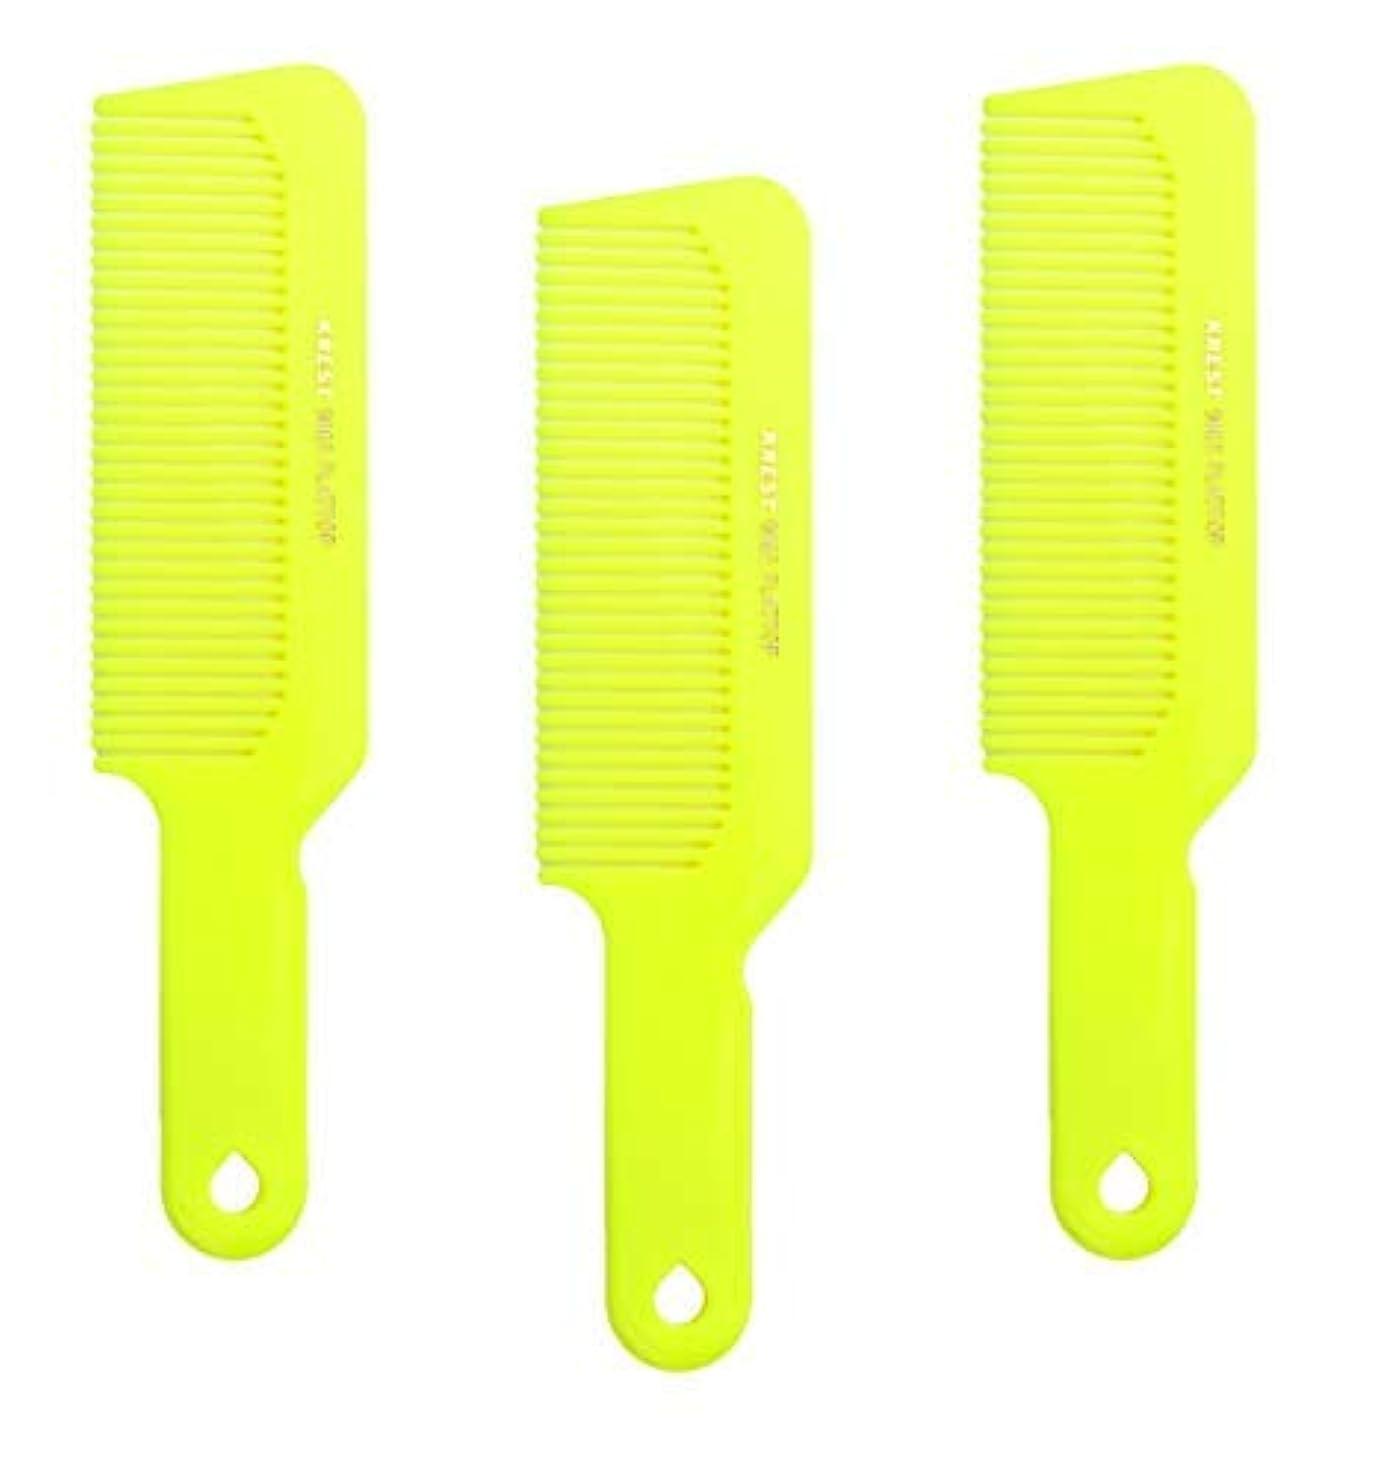 等公式闇Hair Comb 8-3/4 Flattop Hair Cutting Comb. Barbers Hairdresser Comb. Model 9001. 3 Combs (Neon Yellow) [並行輸入品]